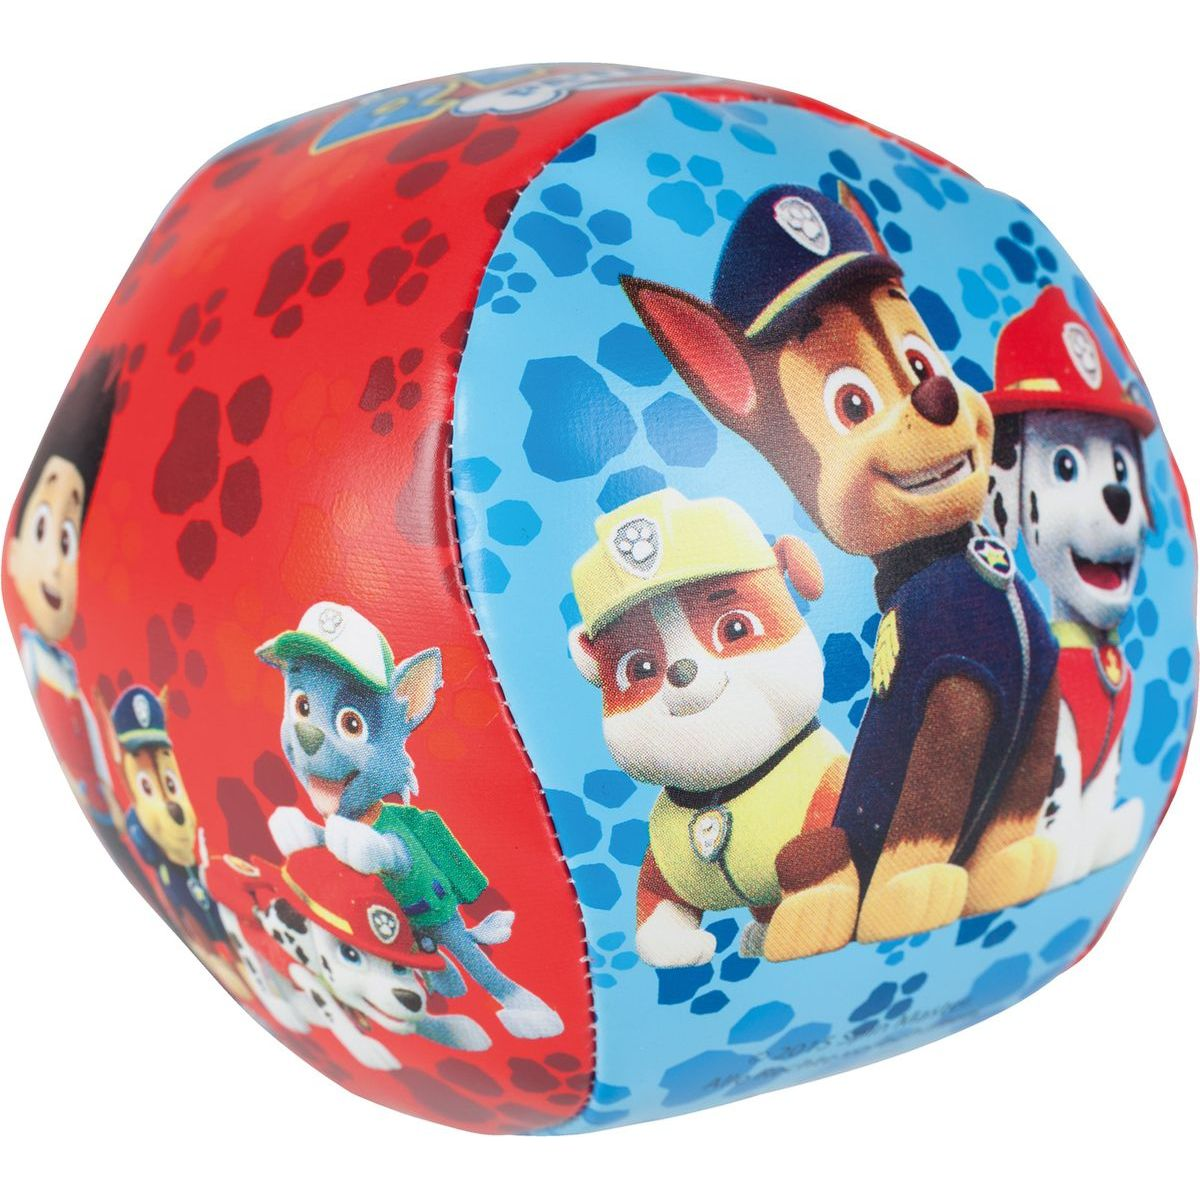 John Měkký míček s rolničkou Paw Patrol 10 cm - fialový